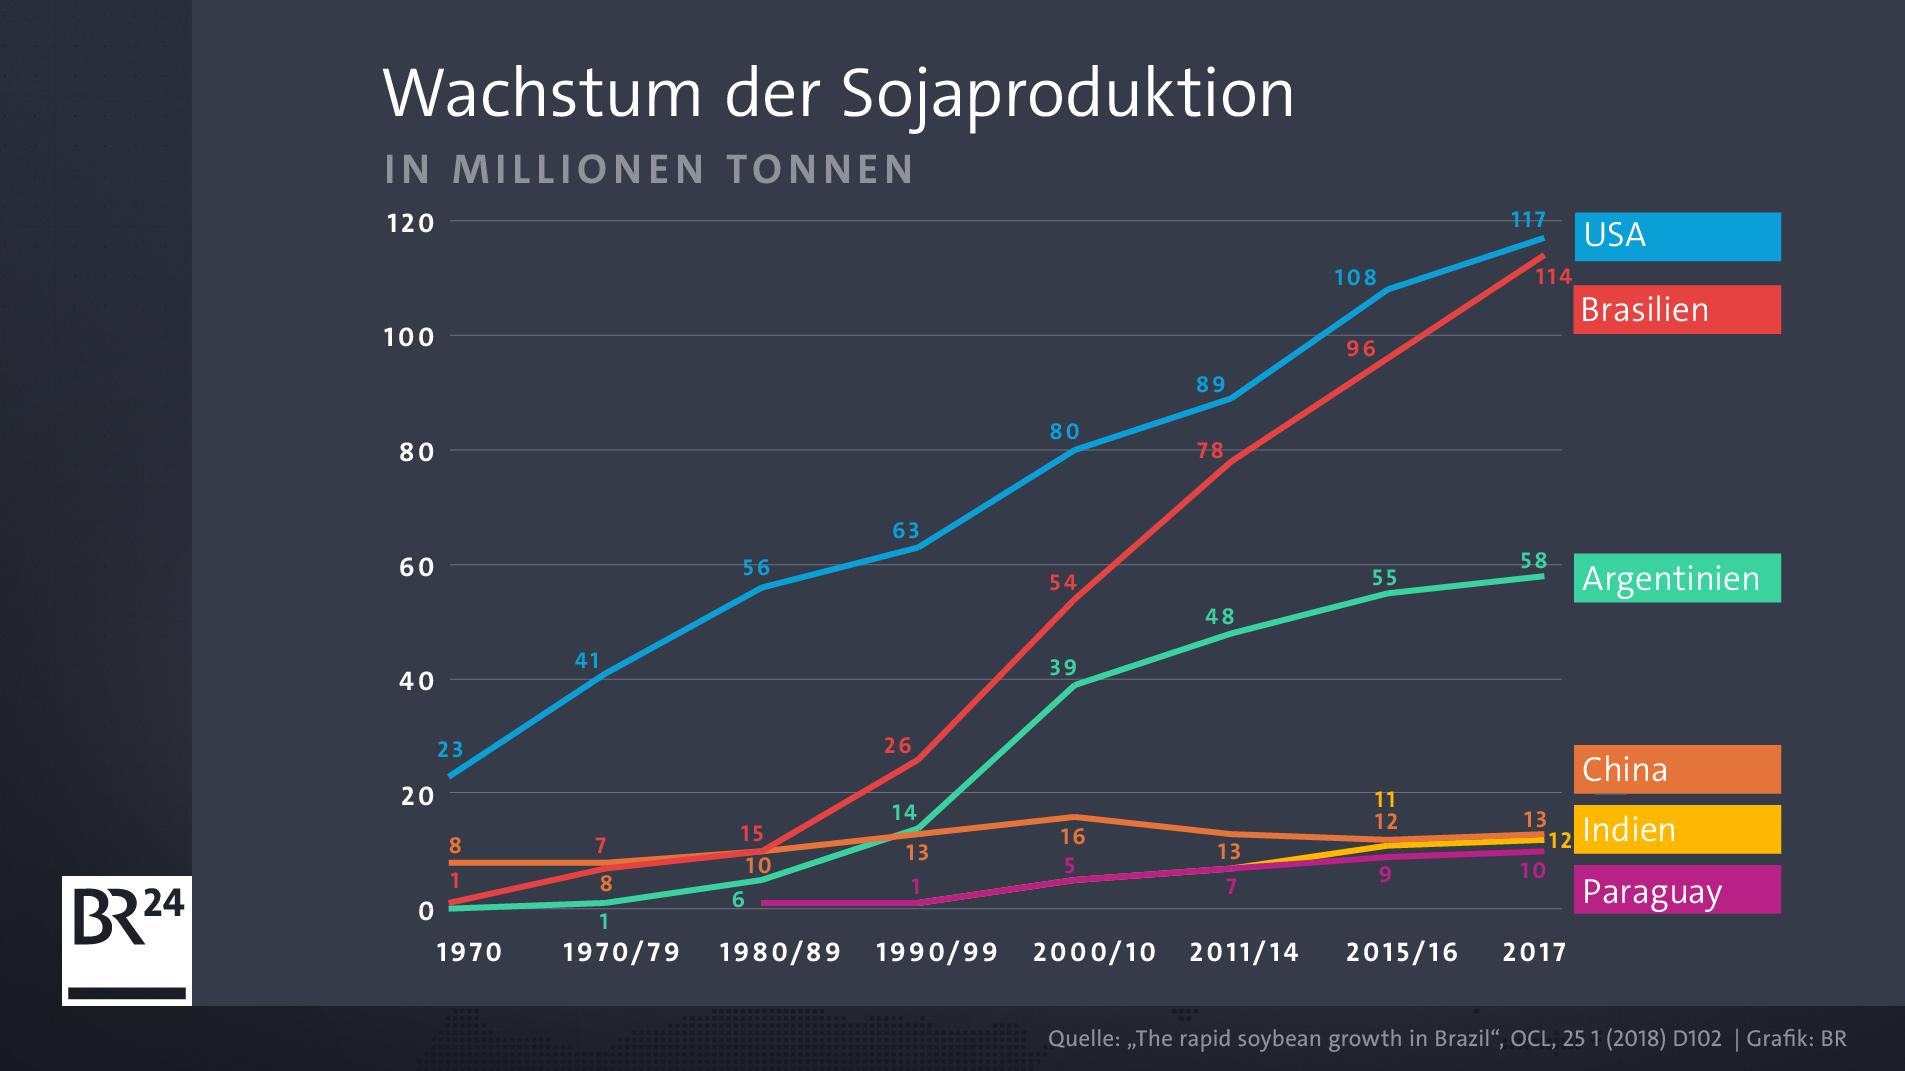 Wie die Grafik zeigt, spielte die Sojaproduktion in vielen der heute wichtigsten Exportnationen noch 1970 quasi keine Rolle.